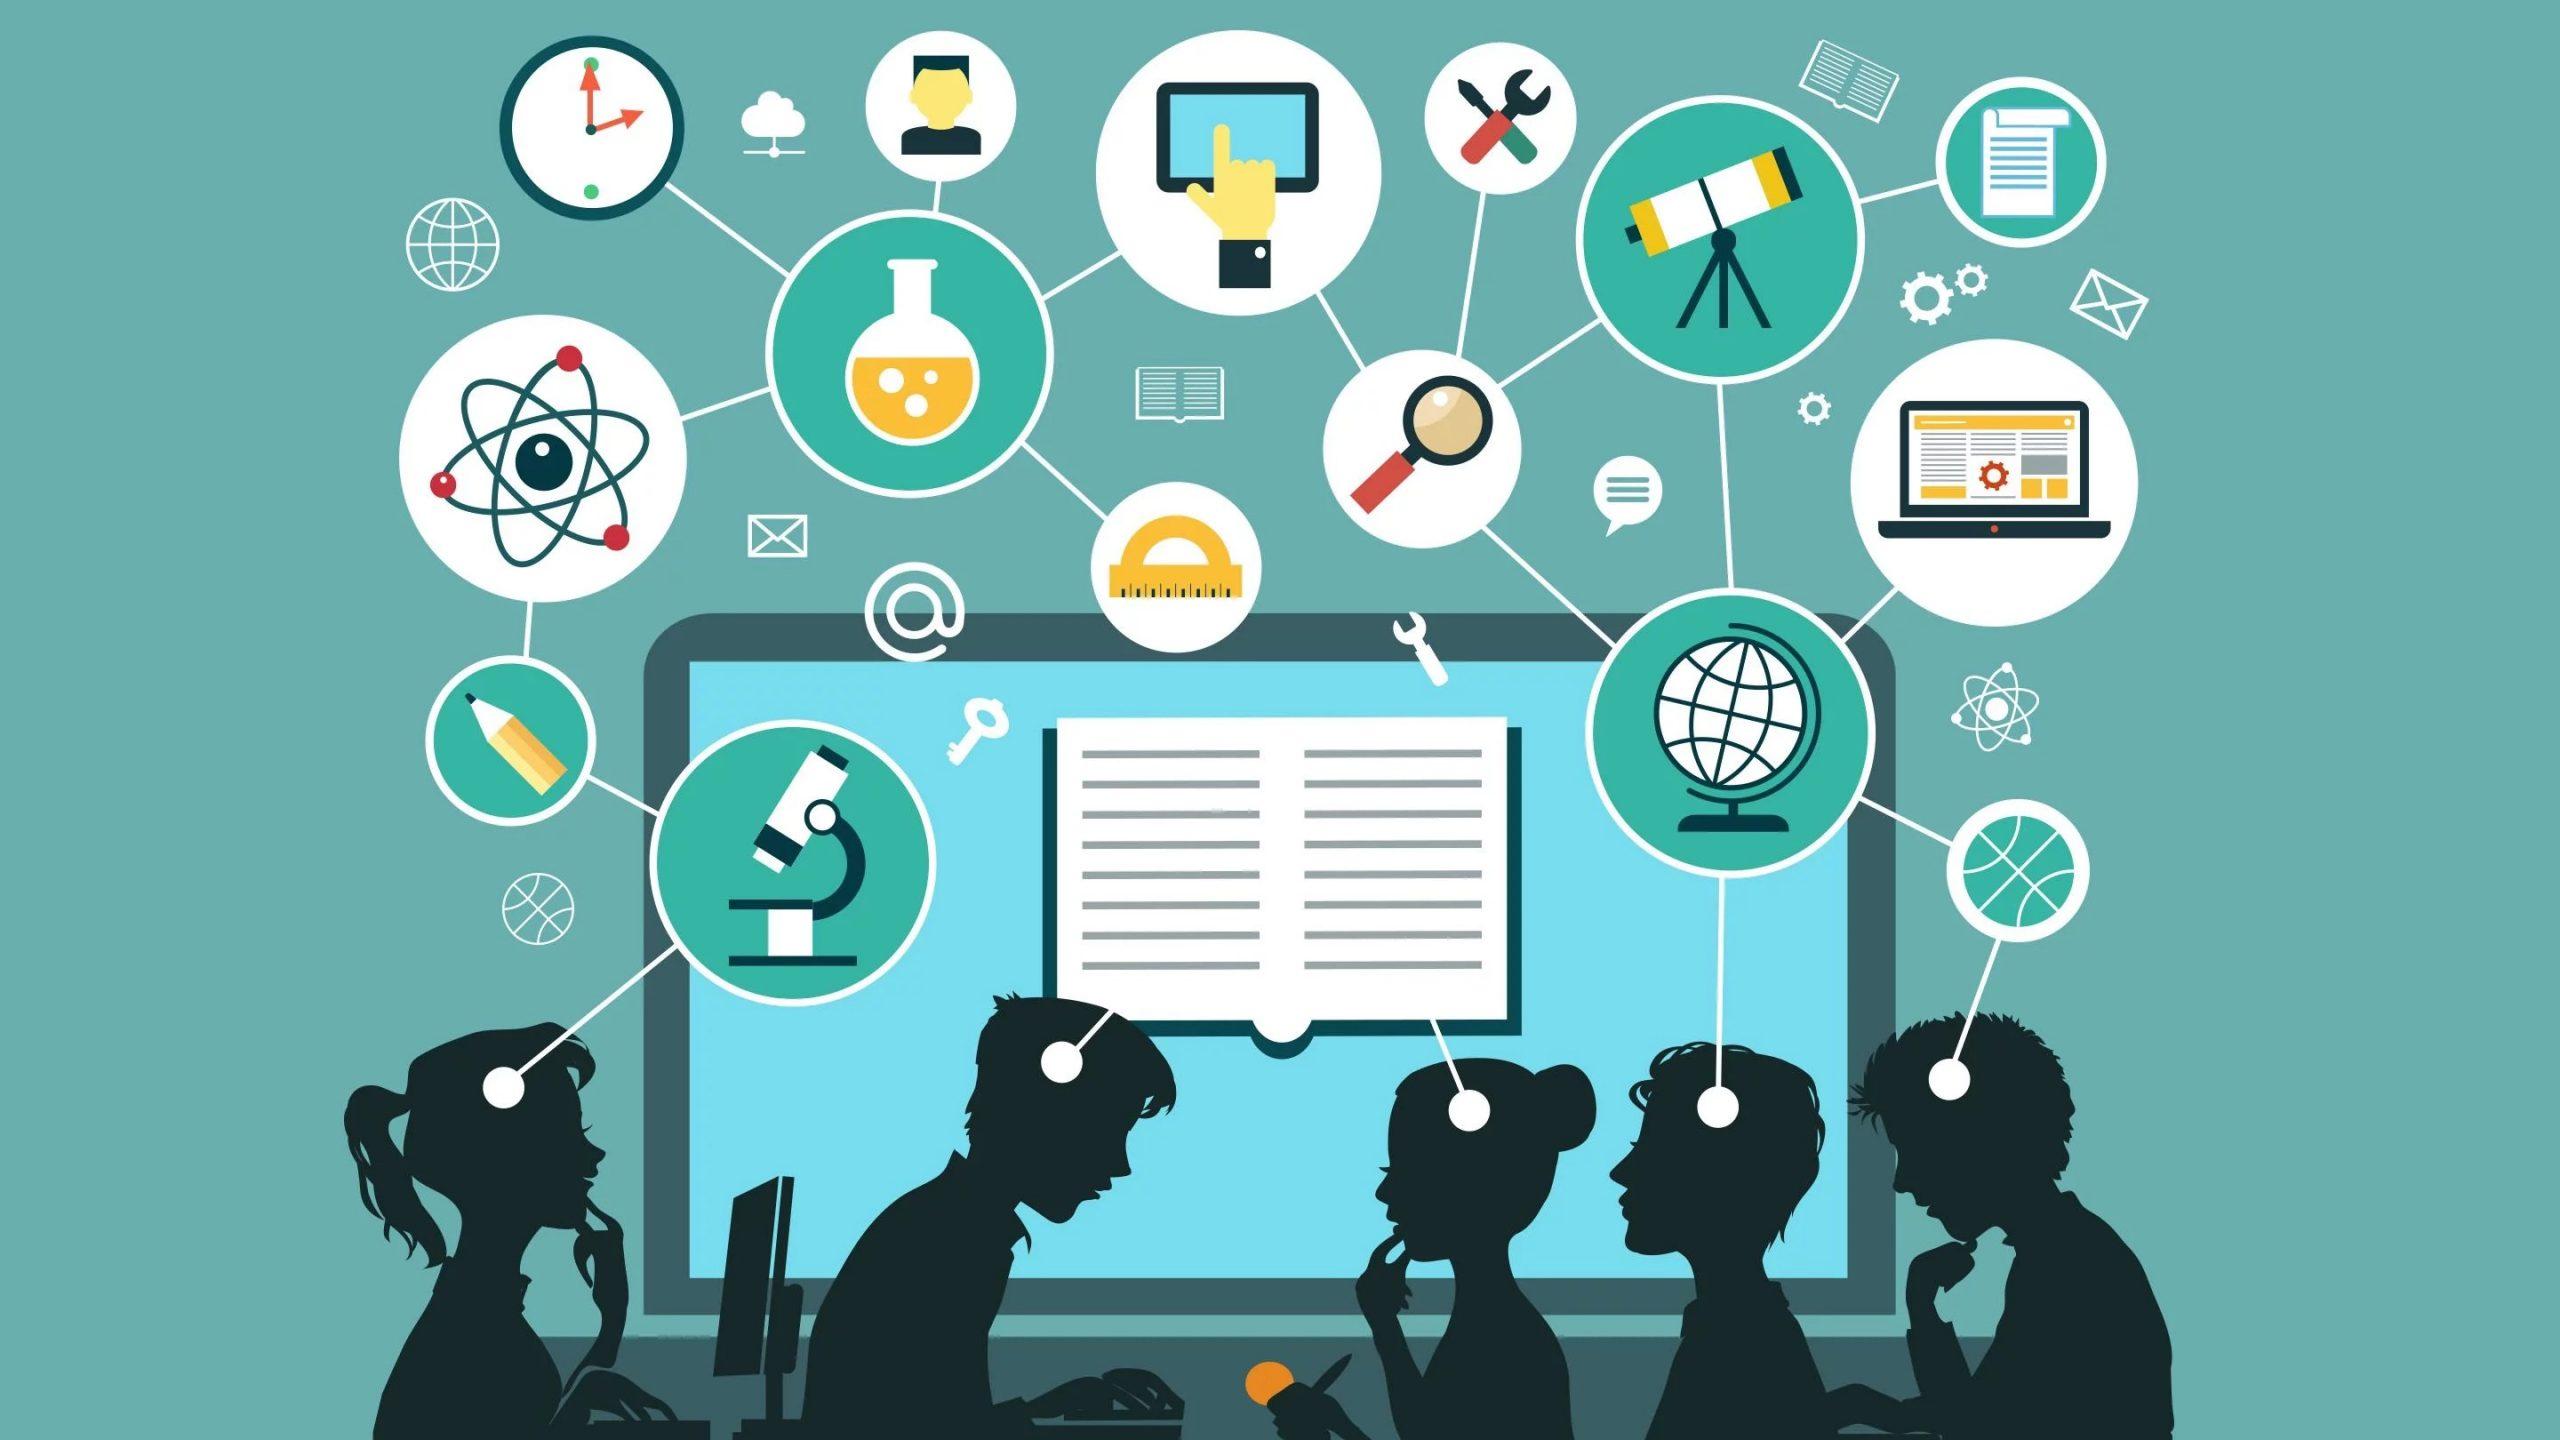 Extend Classroom Management